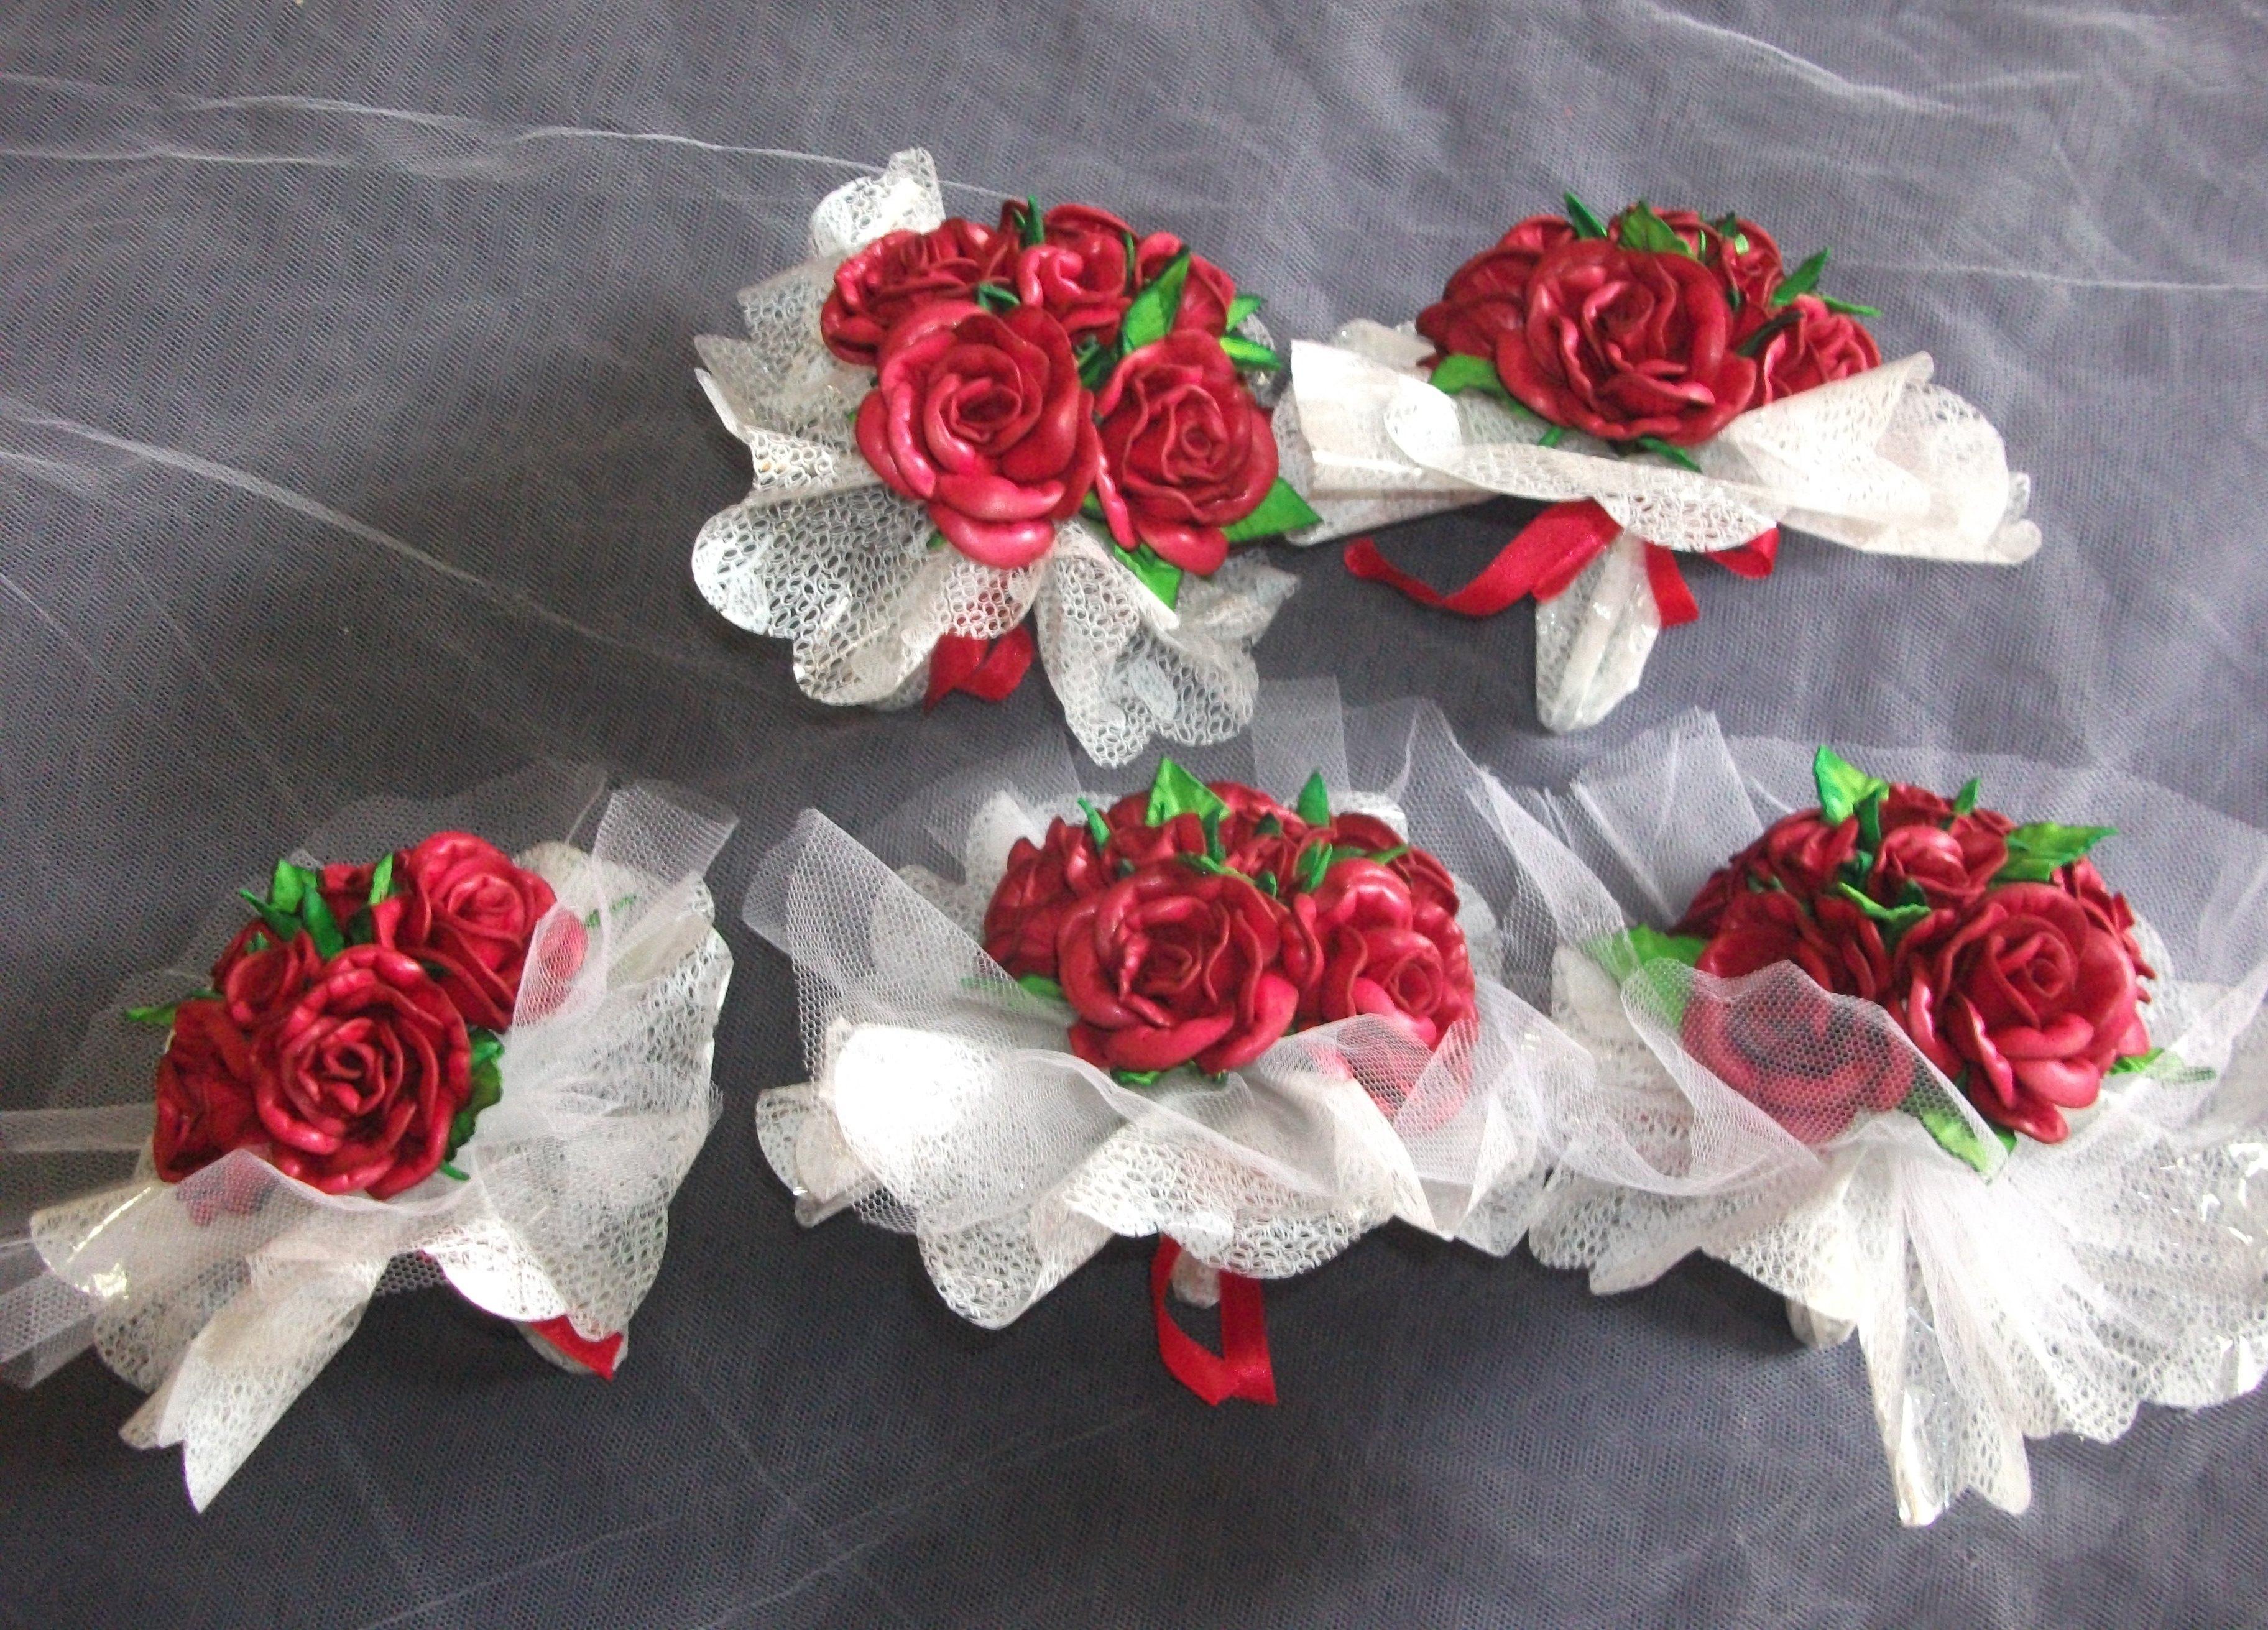 de rosas em EVA Mini buqu de rosas em EVA Mini buqu de rosas em